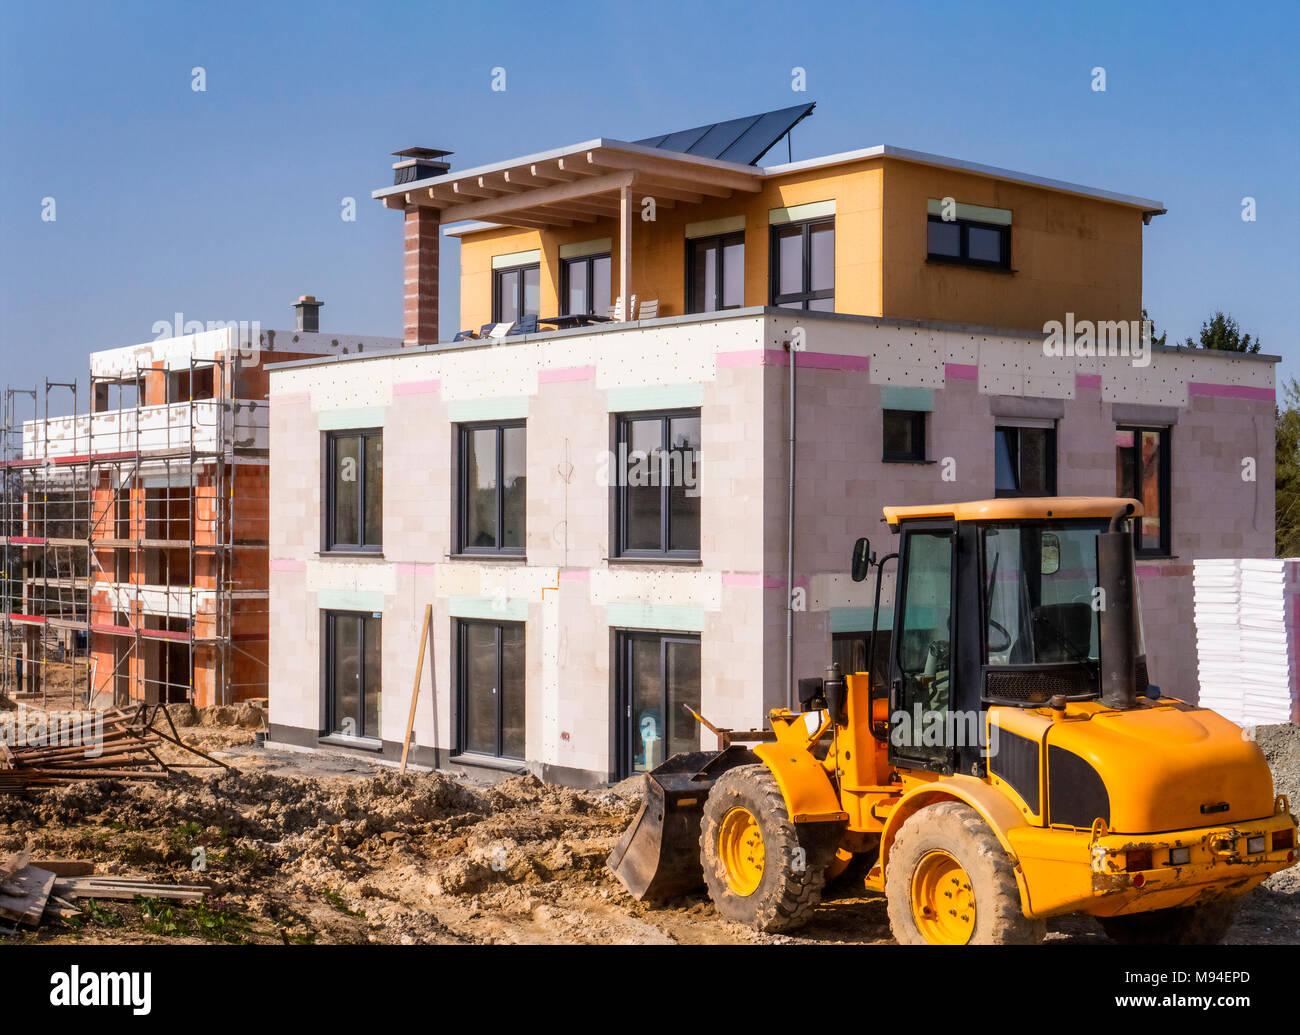 Ein neues Gebäude neben einem Shell in einem Baustellenbereich mit einem Radlader im Vordergrund. Stockfoto